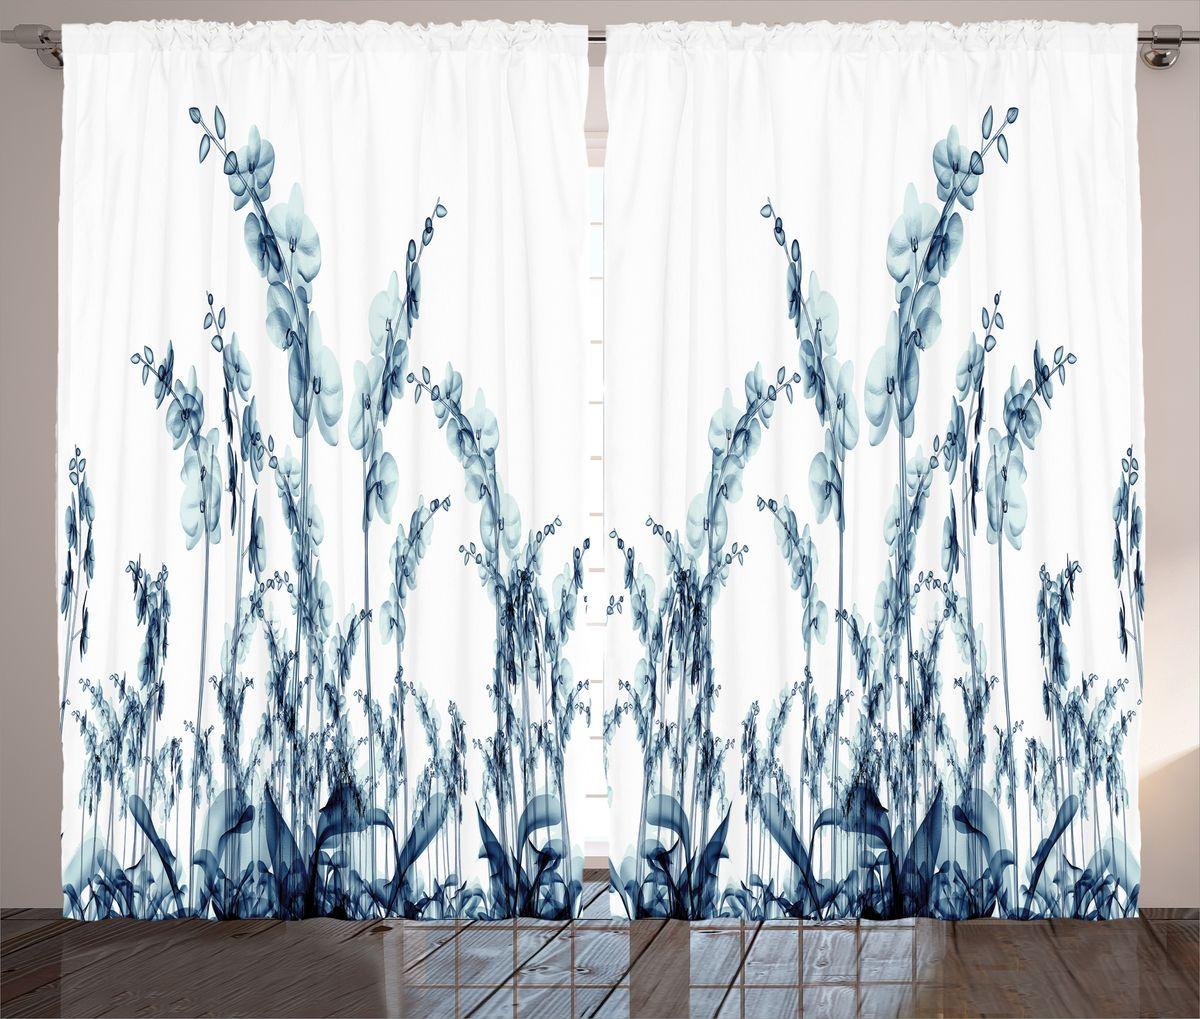 Комплект фотоштор Magic Lady Орхидеи из синего стекла, на ленте, высота 265 см. шсг_14471шсг_14471Компания Сэмболь изготавливает шторы из высококачественного сатена (полиэстер 100%). При изготовлении используются специальные гипоаллергенные чернила для прямой печати по ткани, безопасные для человека и животных. Экологичность продукции Magic lady и безопасность для окружающей среды подтверждены сертификатом Oeko-Tex Standard 100. Крепление: крючки для крепления на шторной ленте (50 шт). Возможно крепление на трубу. Внимание! При нанесении сублимационной печати на ткань технологическим методом при температуре 240°С, возможно отклонение полученных размеров (указанных на этикетке и сайте) от стандартных на + - 3-5 см. Производитель старается максимально точно передать цвета изделия на фотографиях, однако искажения неизбежны и фактический цвет изделия может отличаться от воспринимаемого по фото. Обратите внимание! Шторы изготовлены из полиэстра сатенового переплетения, а не из сатина (хлопок). Размер одного полотна шторы: 145х265 см. В комплекте 2...